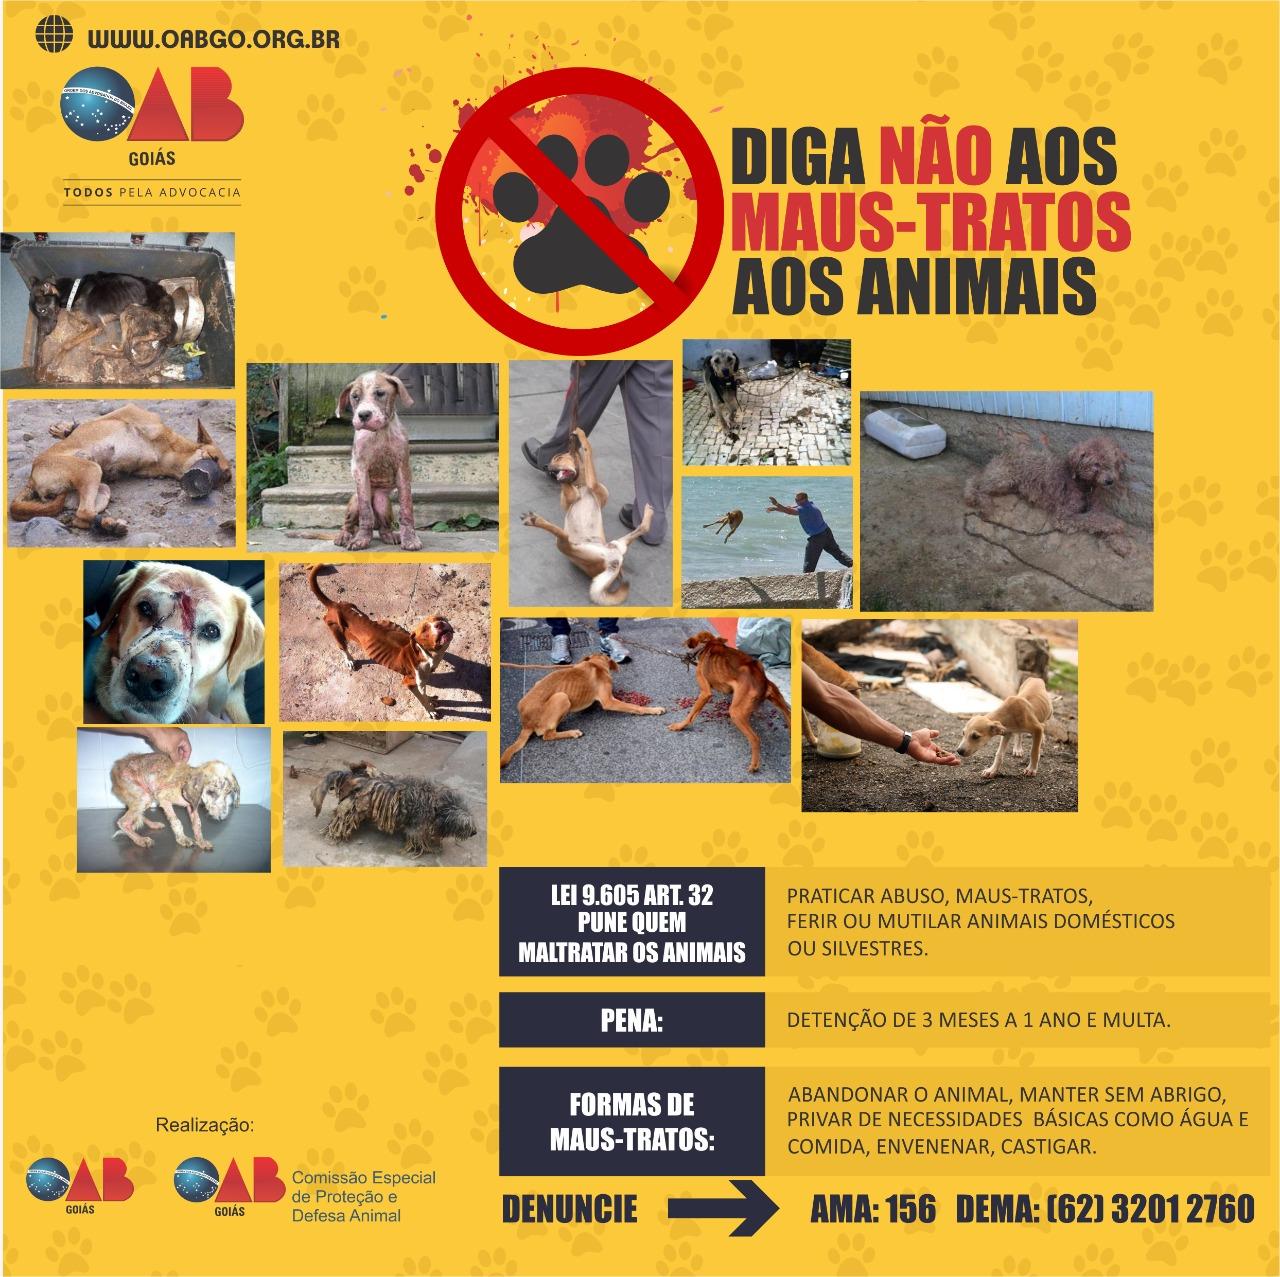 Campanha - Diga Não aos Maus-Tratos aos Animais